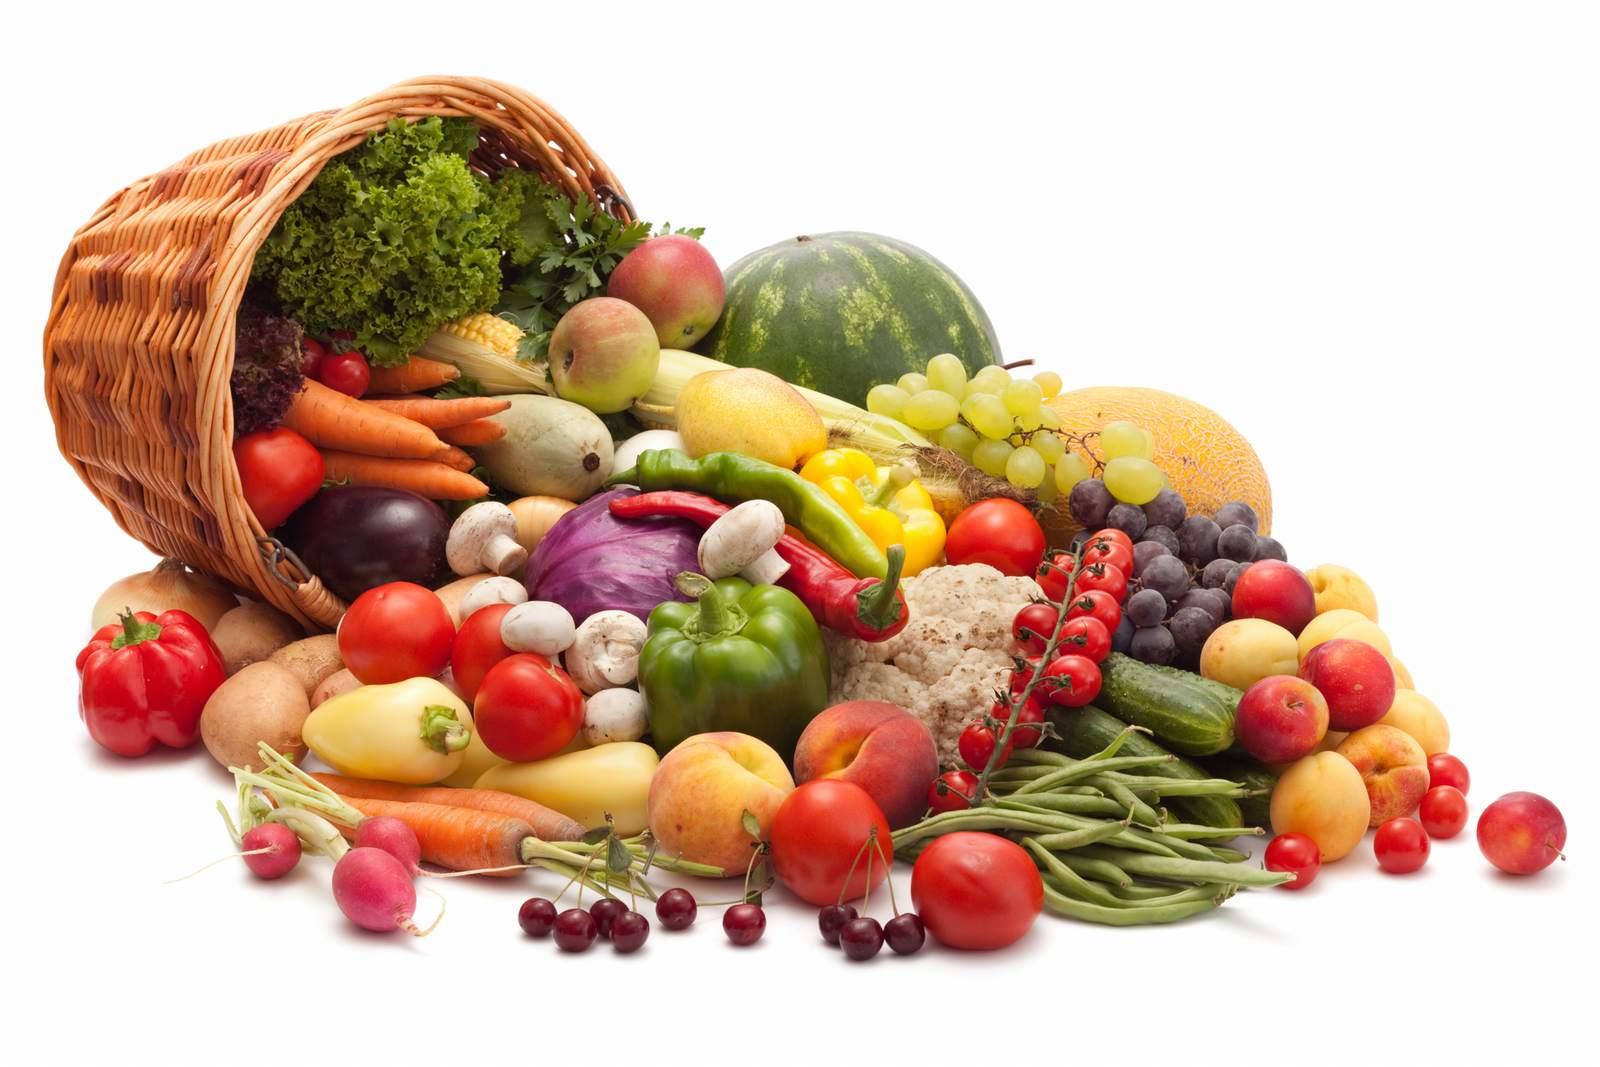 alimentos naturales ricos en vitaminas